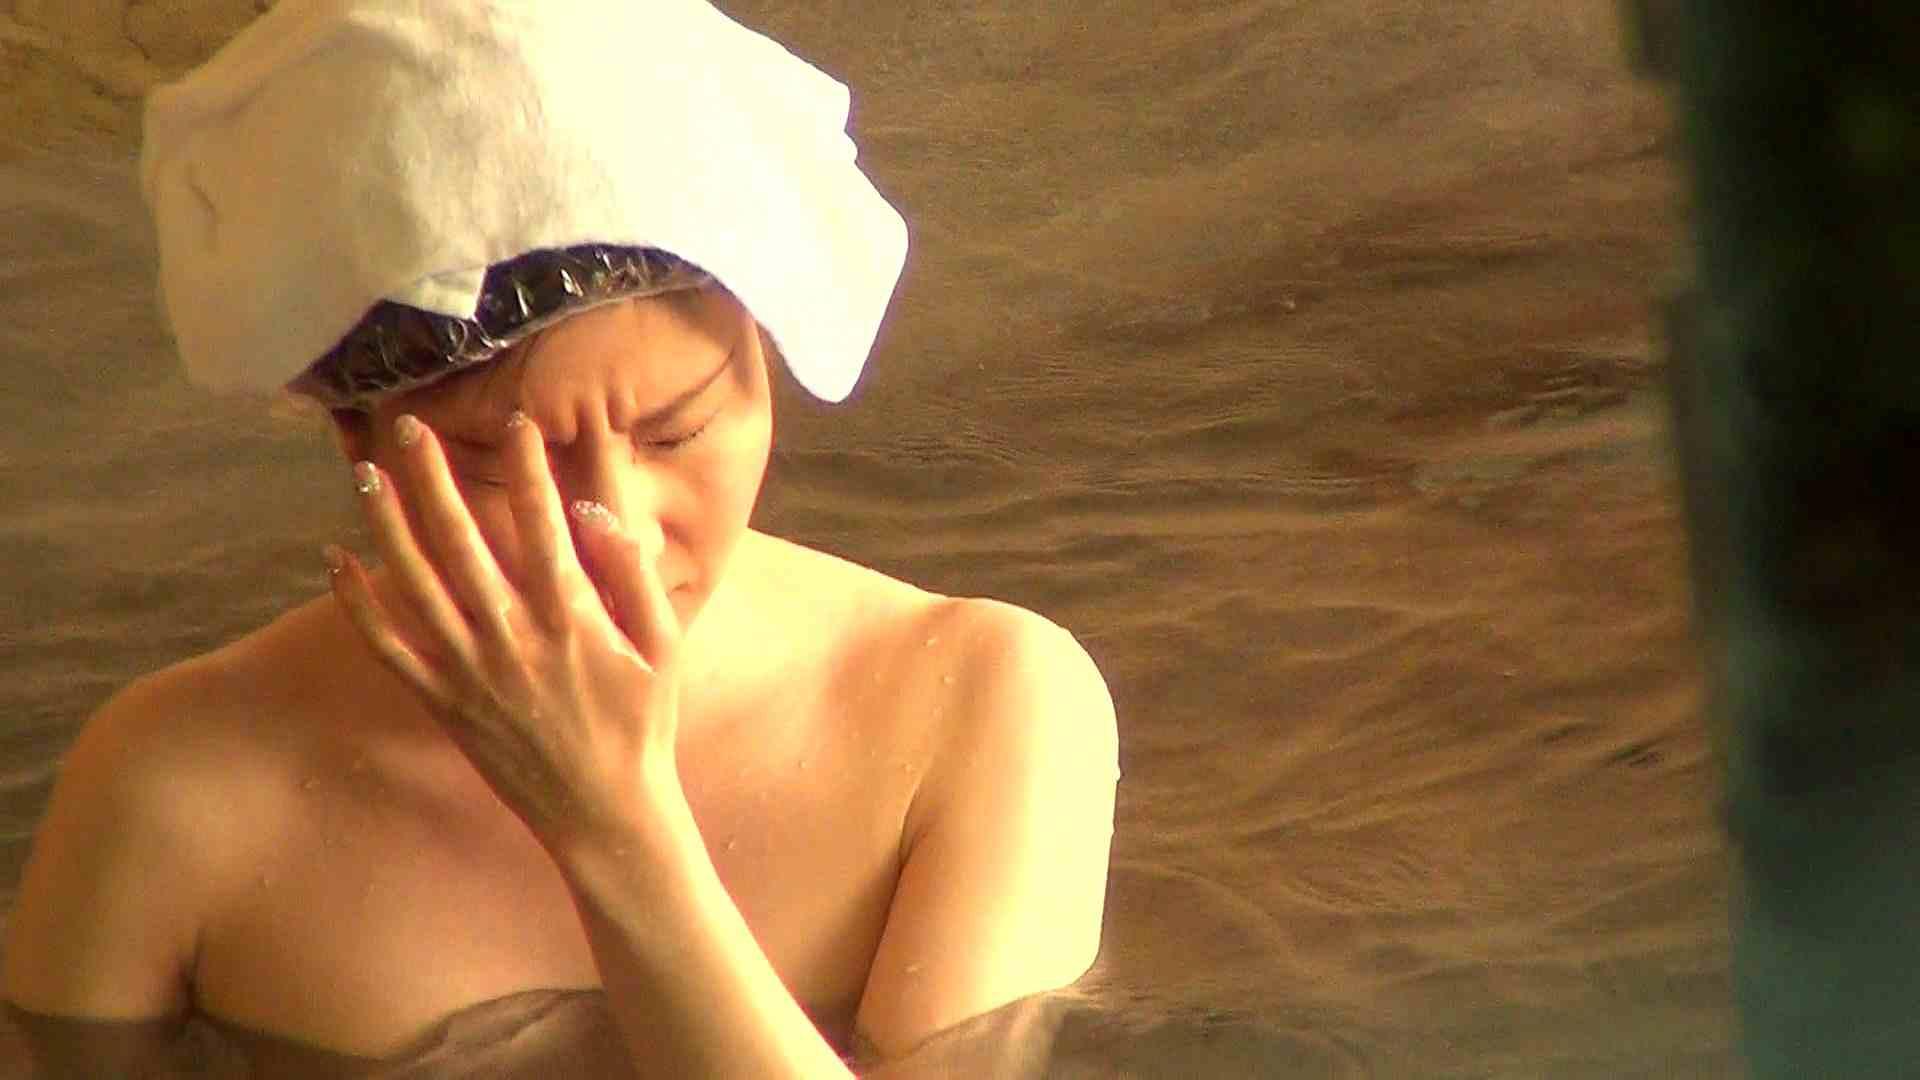 Aquaな露天風呂Vol.278 盗撮シリーズ  100PIX 42